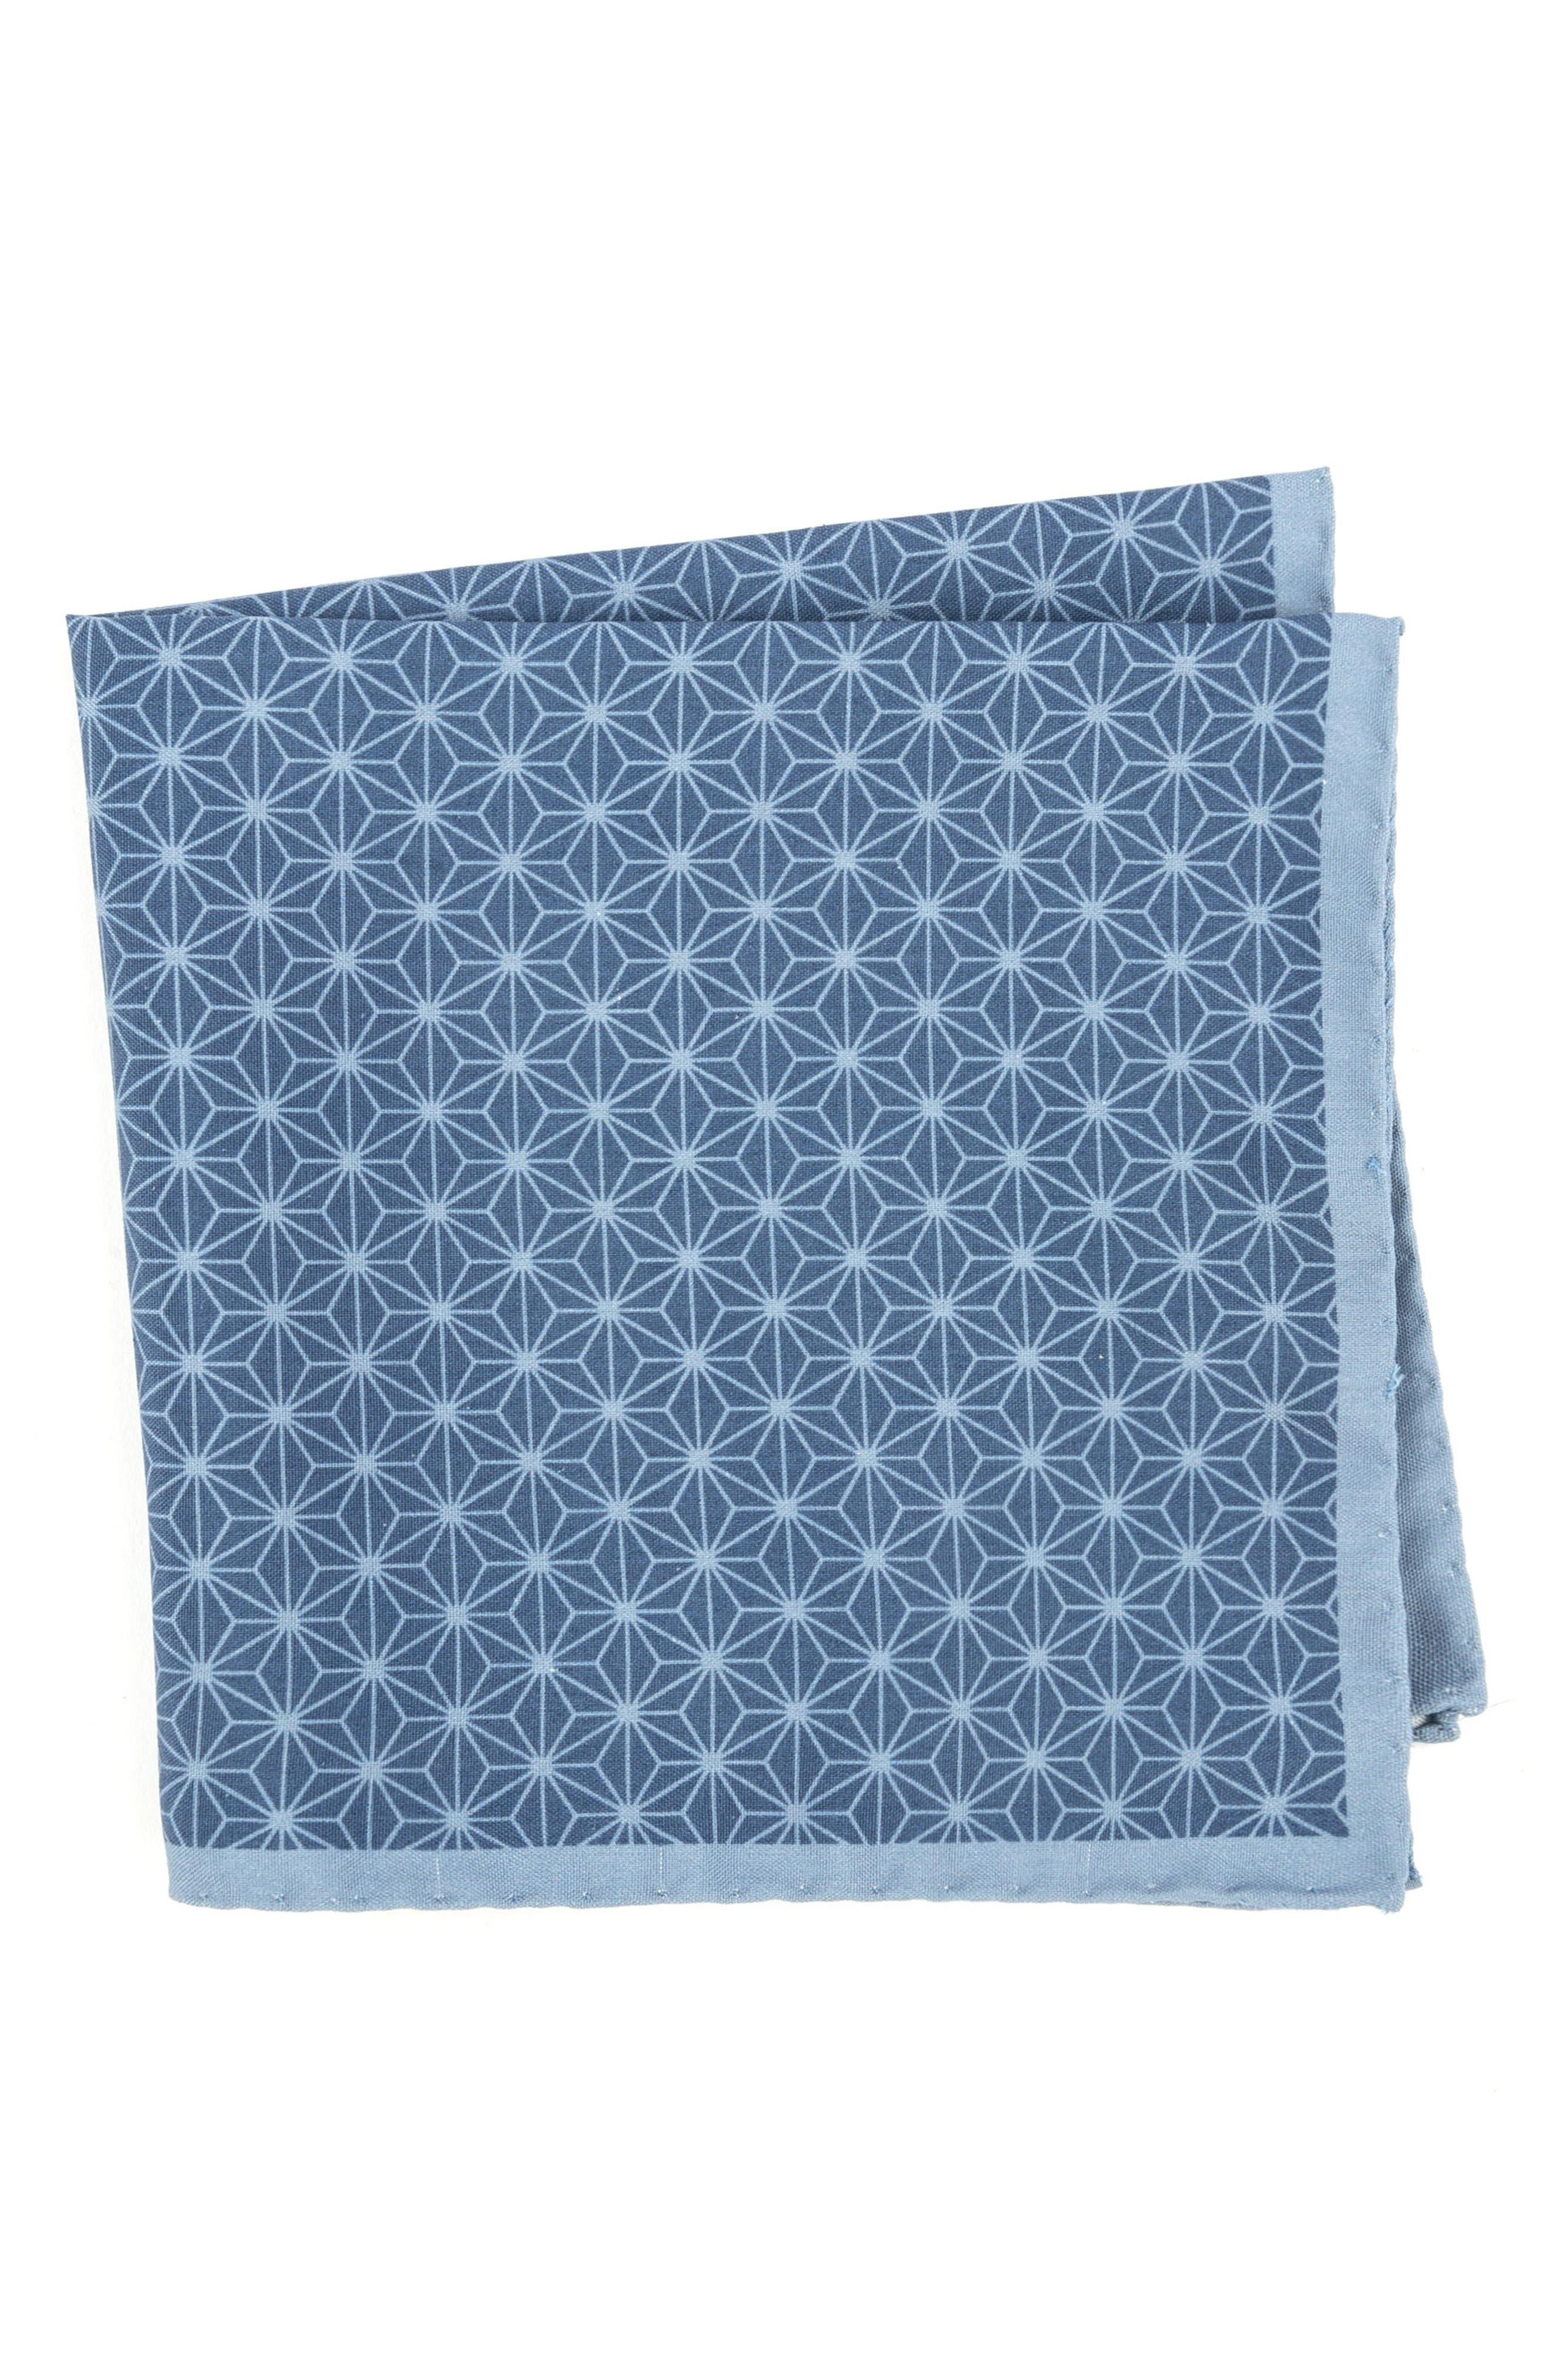 Starburst Geometric Silk Pocket Square,                             Main thumbnail 1, color,                             Light Blue